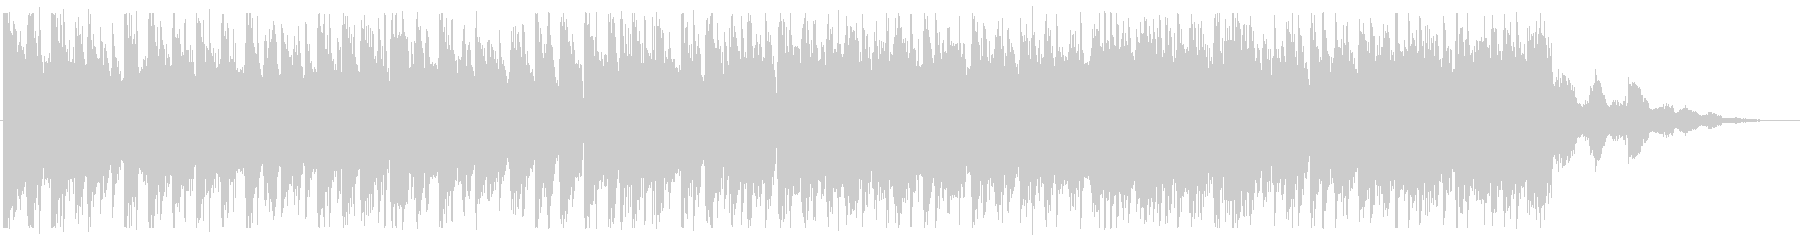 煌びやかなディスコ_No693_5の未再生の波形